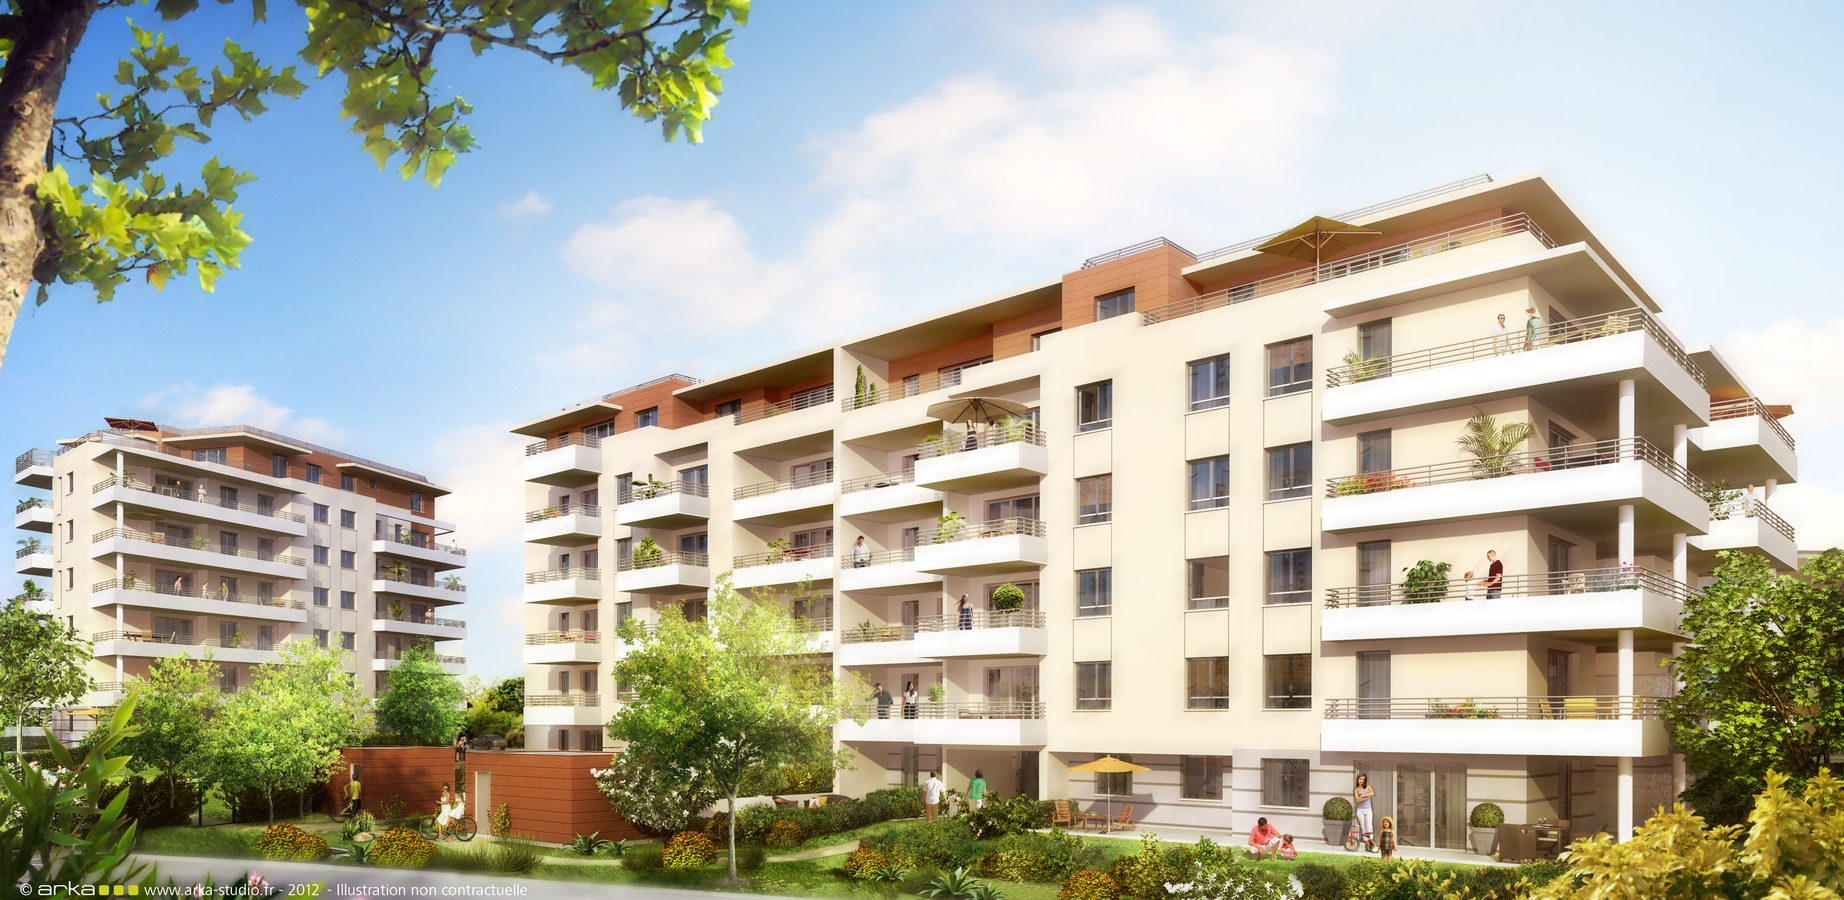 Les terrasses azur 50 logements neufs voiron is re for Acheter un appartement